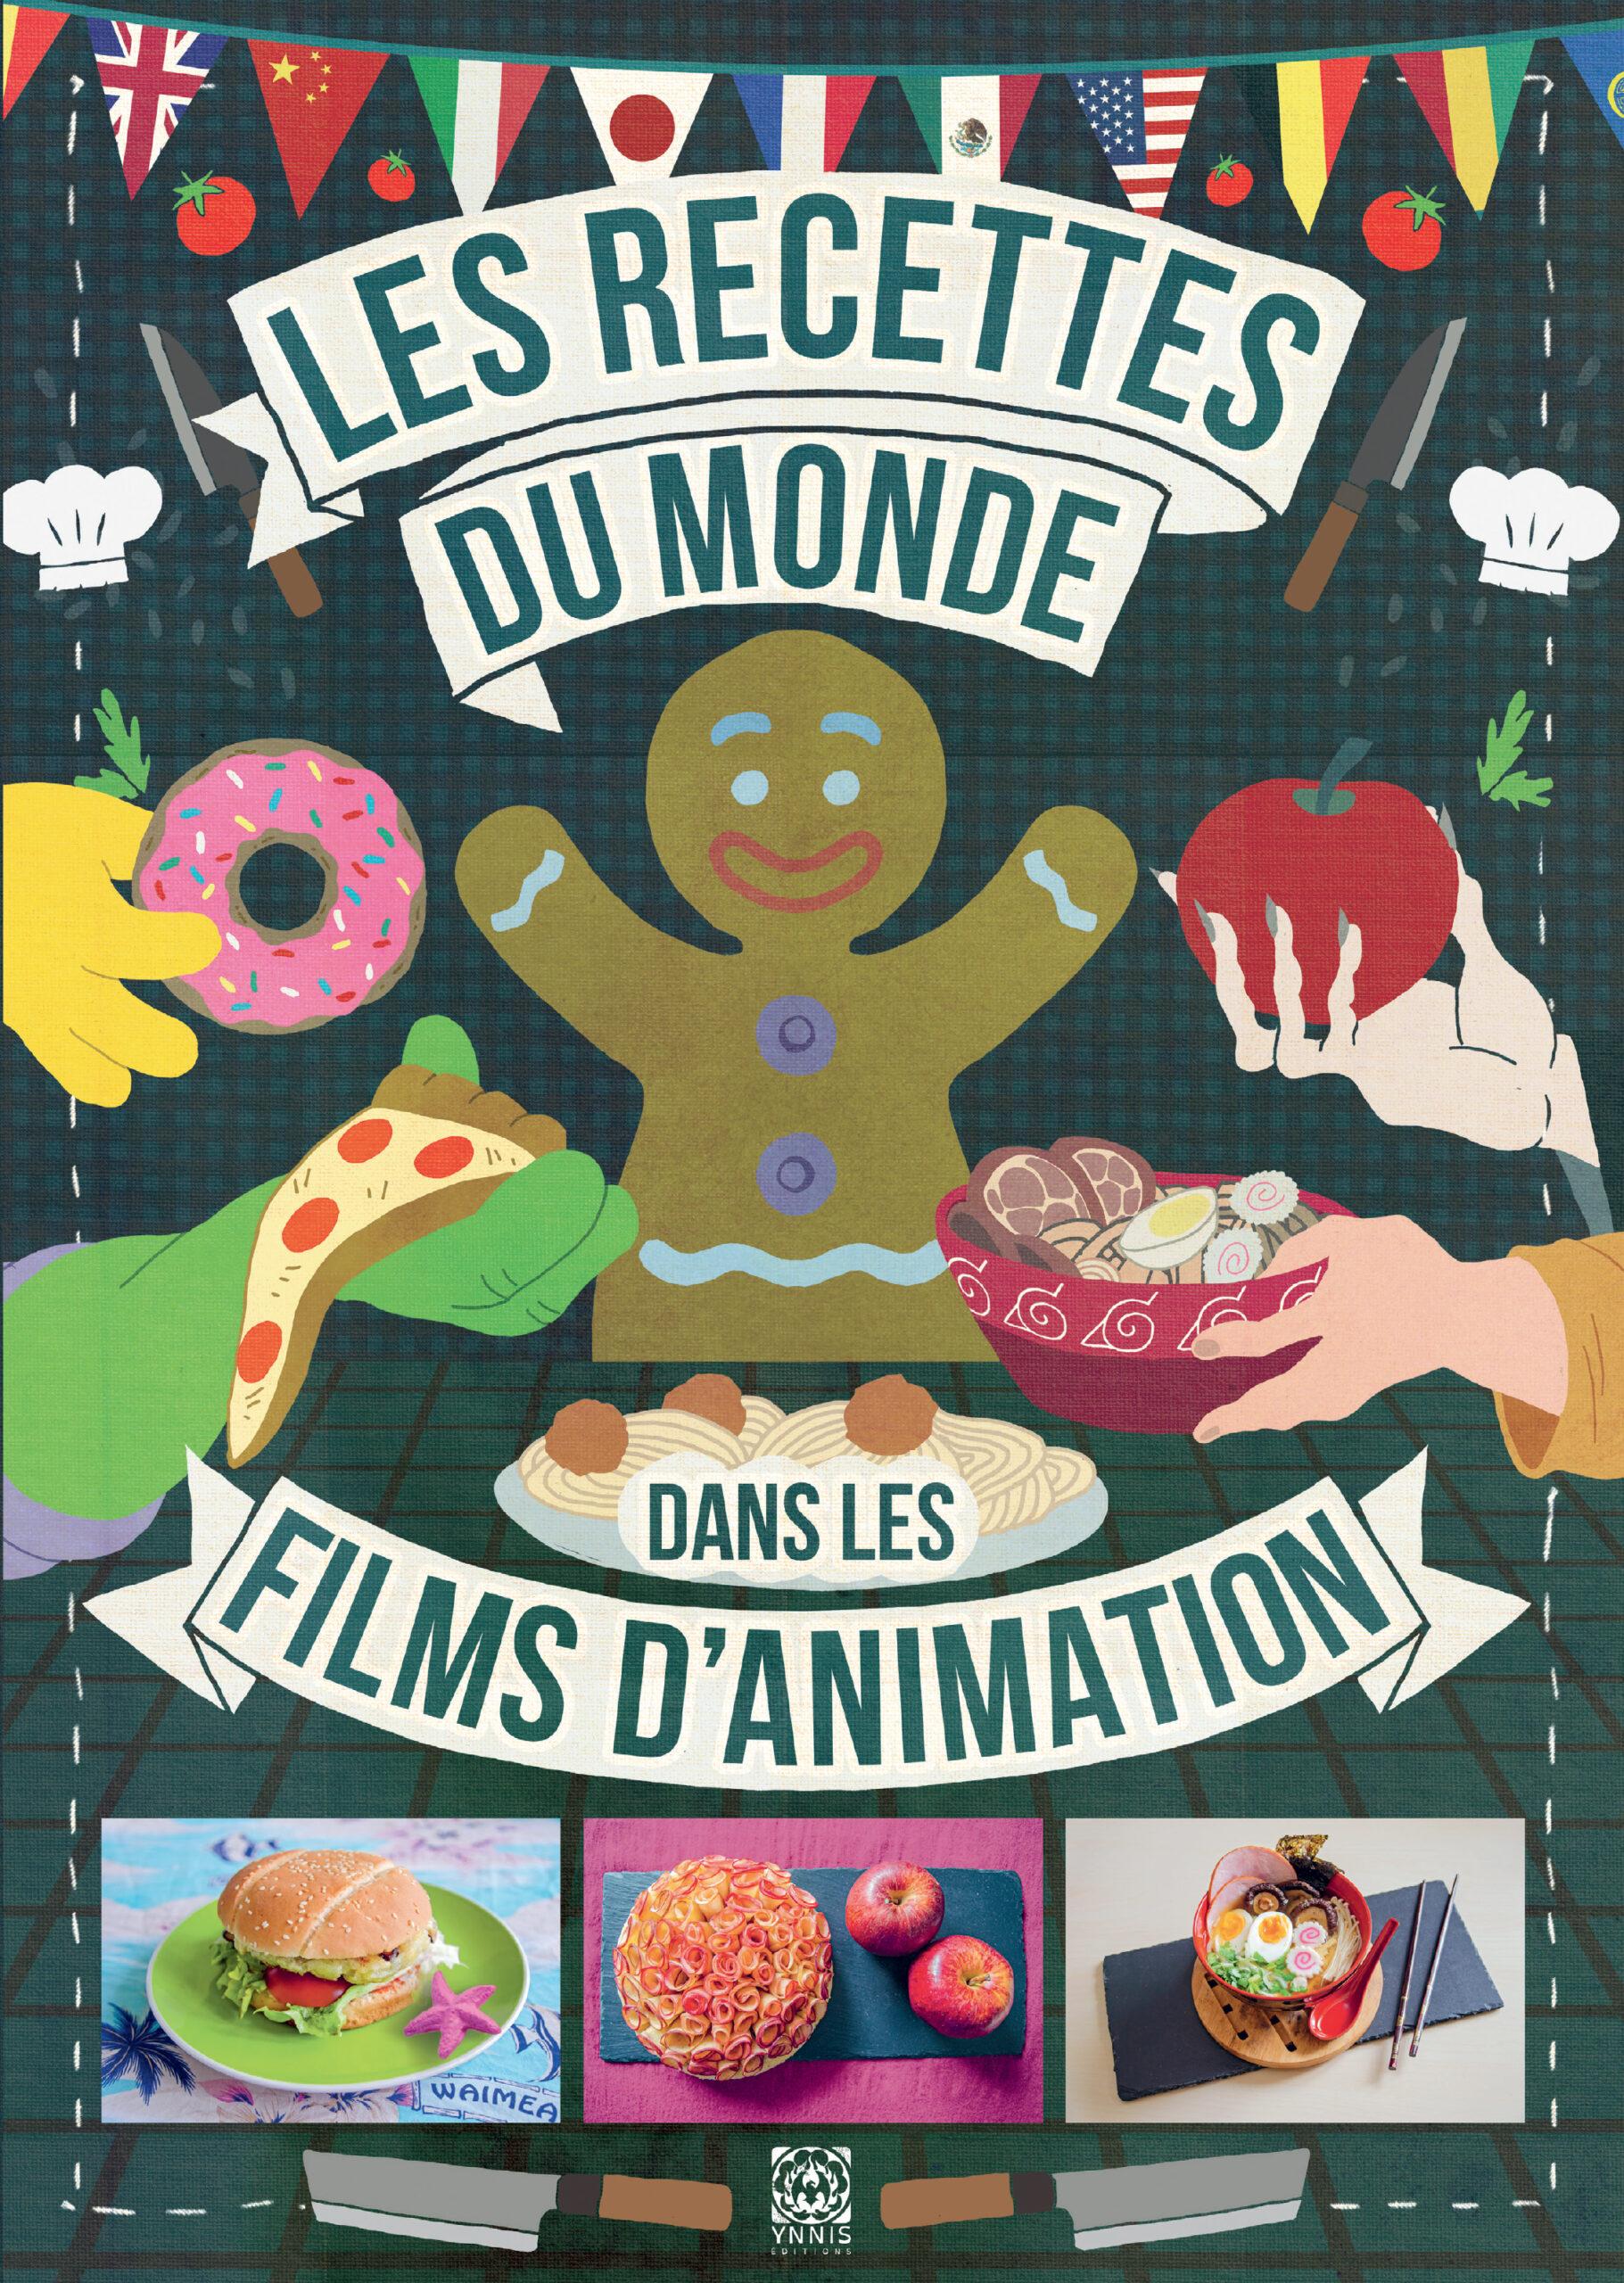 Les recettes du monde dans les films d'animation